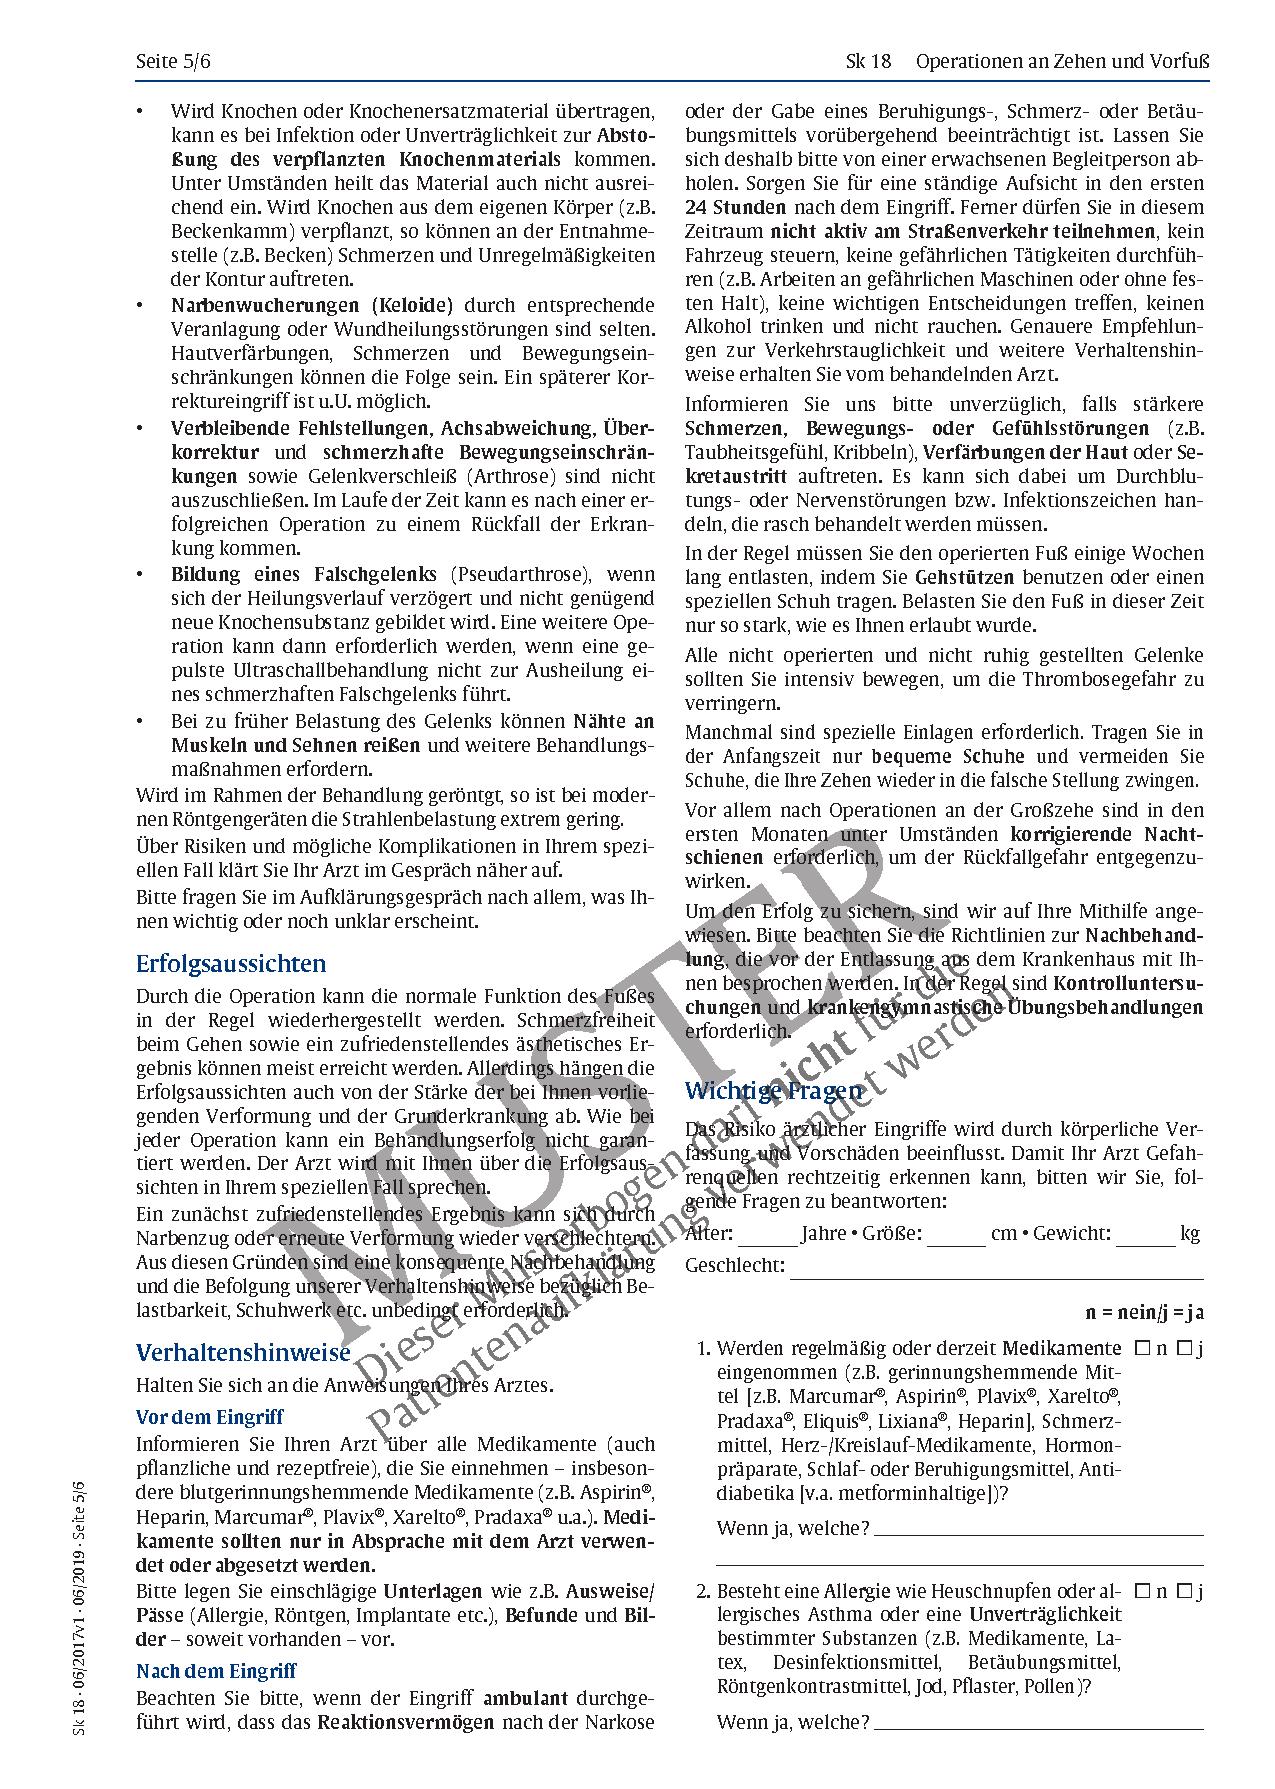 Fein Pdf Menschliche Anatomie Bilder - Menschliche Anatomie Bilder ...